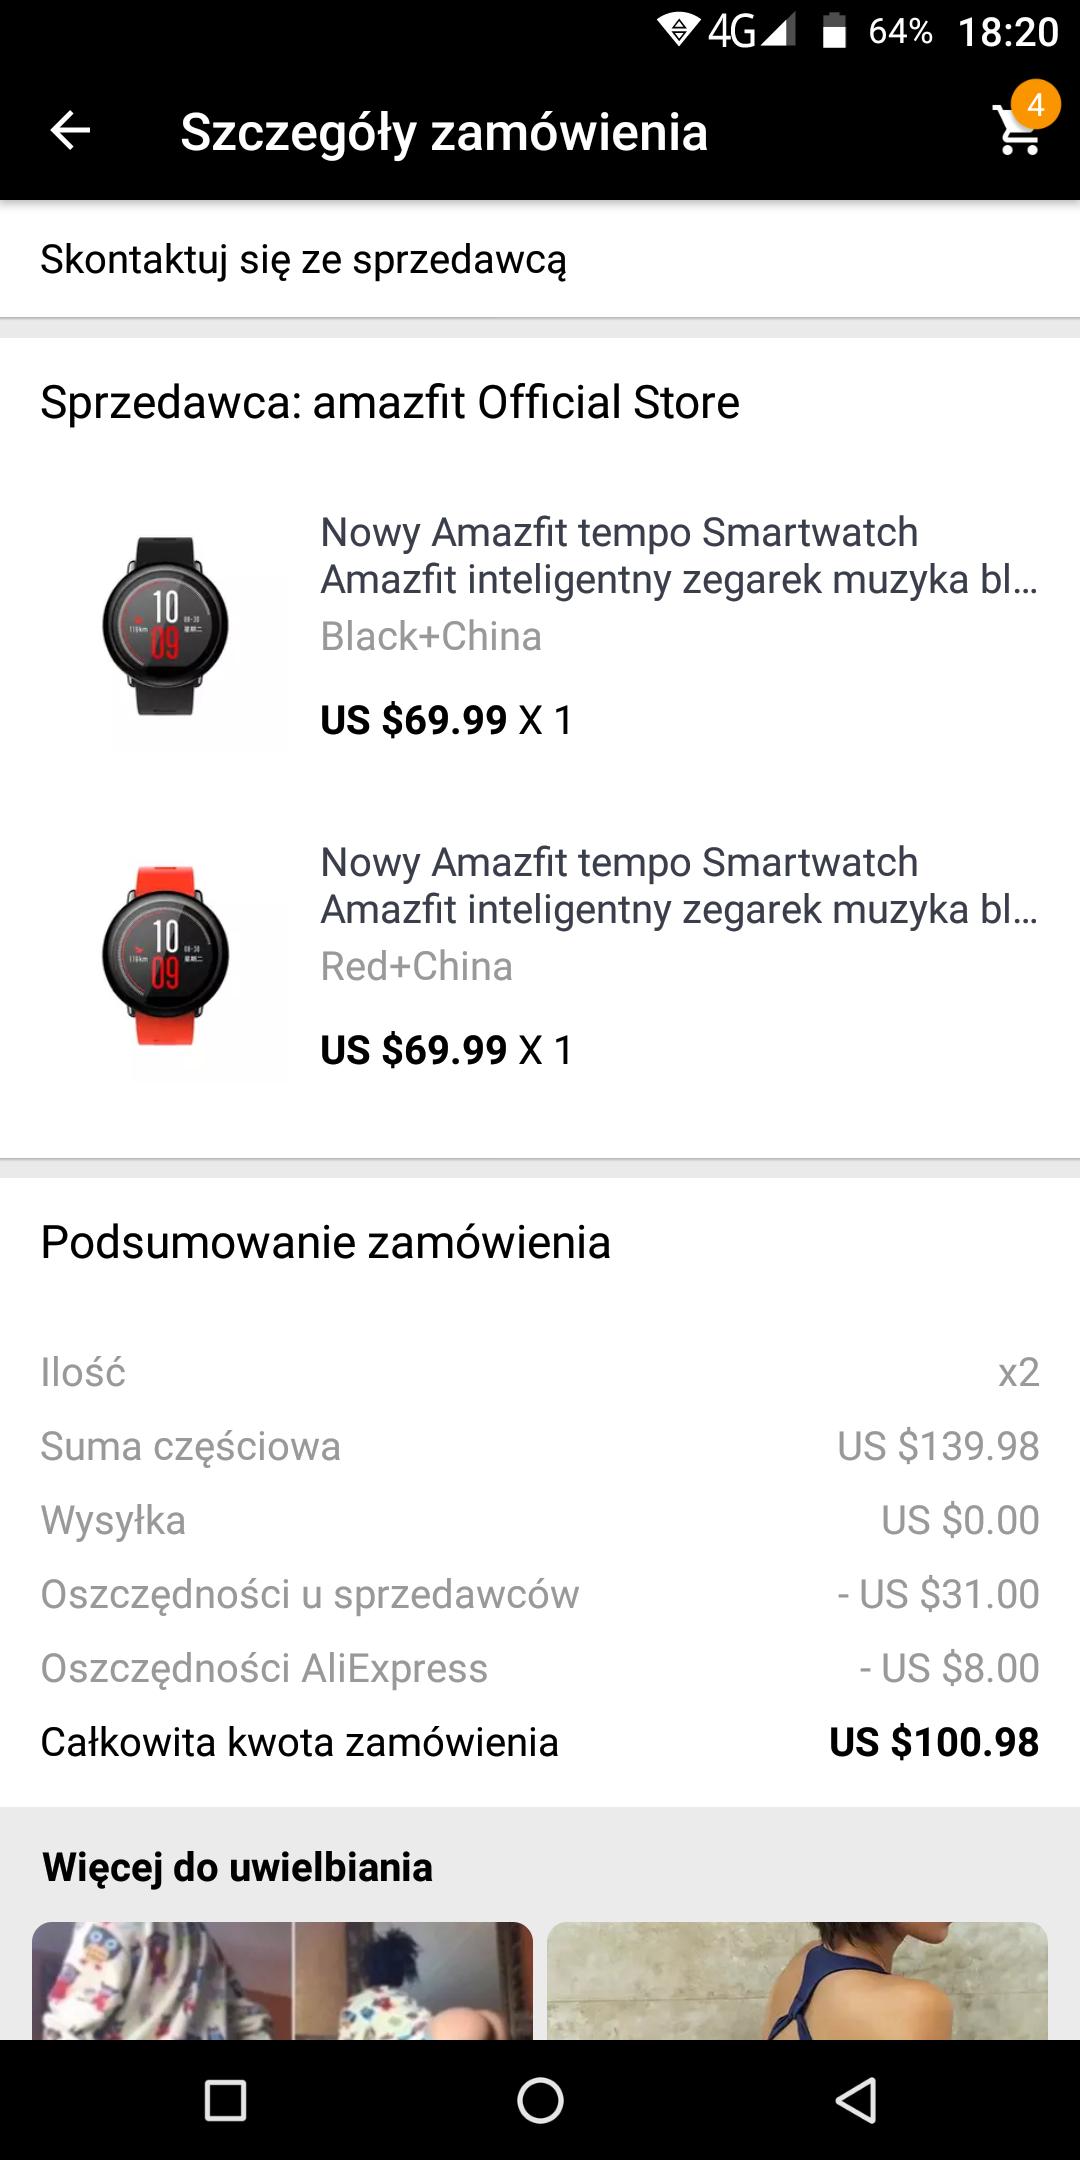 2x amazfit pace za $100.98 (z kuponem sprzedawcy 25$)